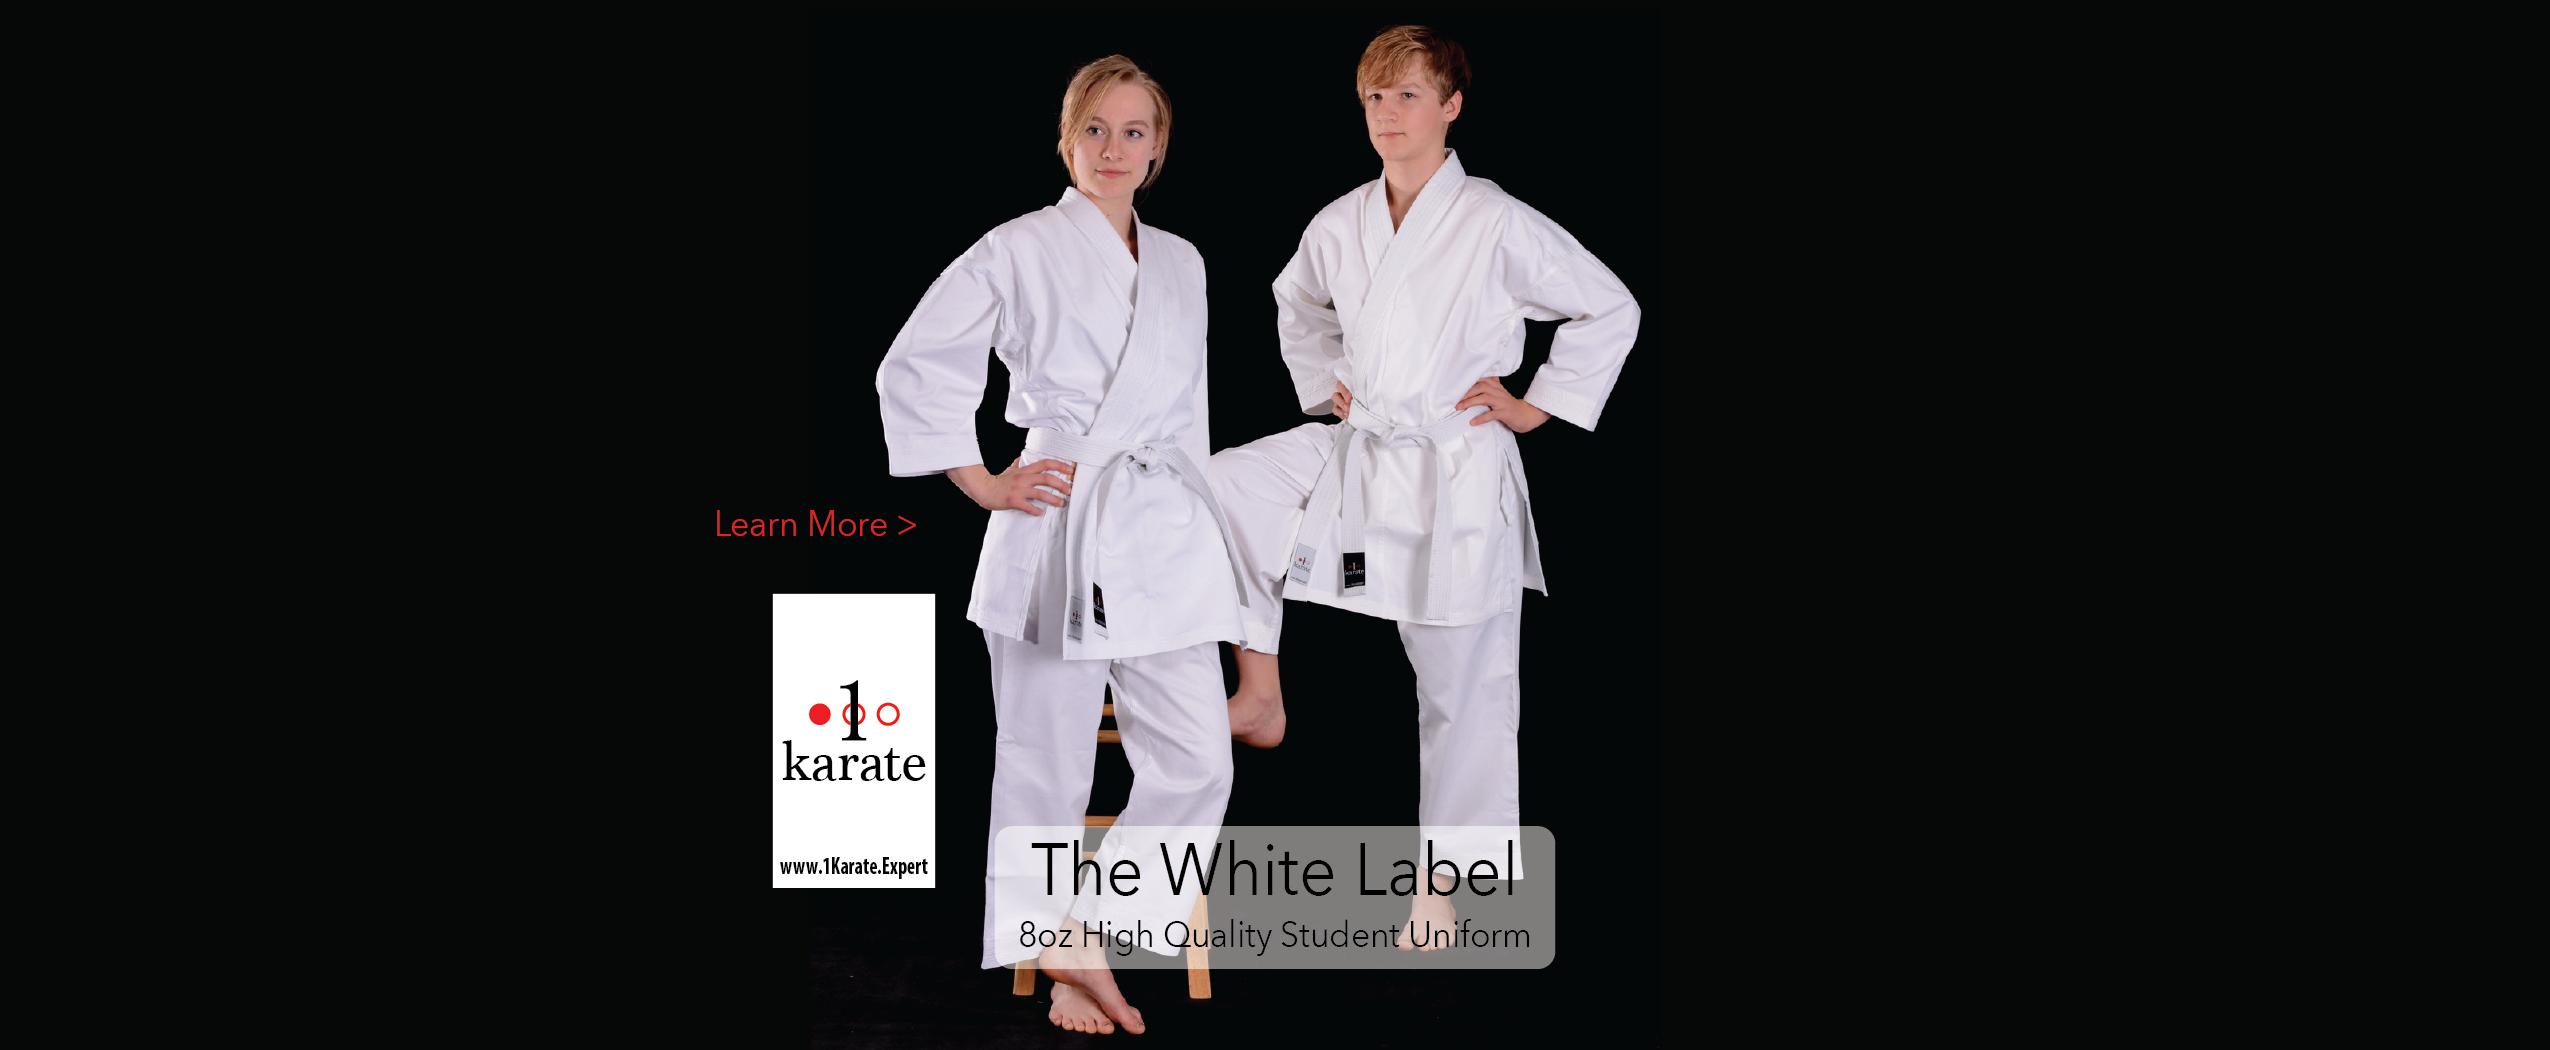 white label-01